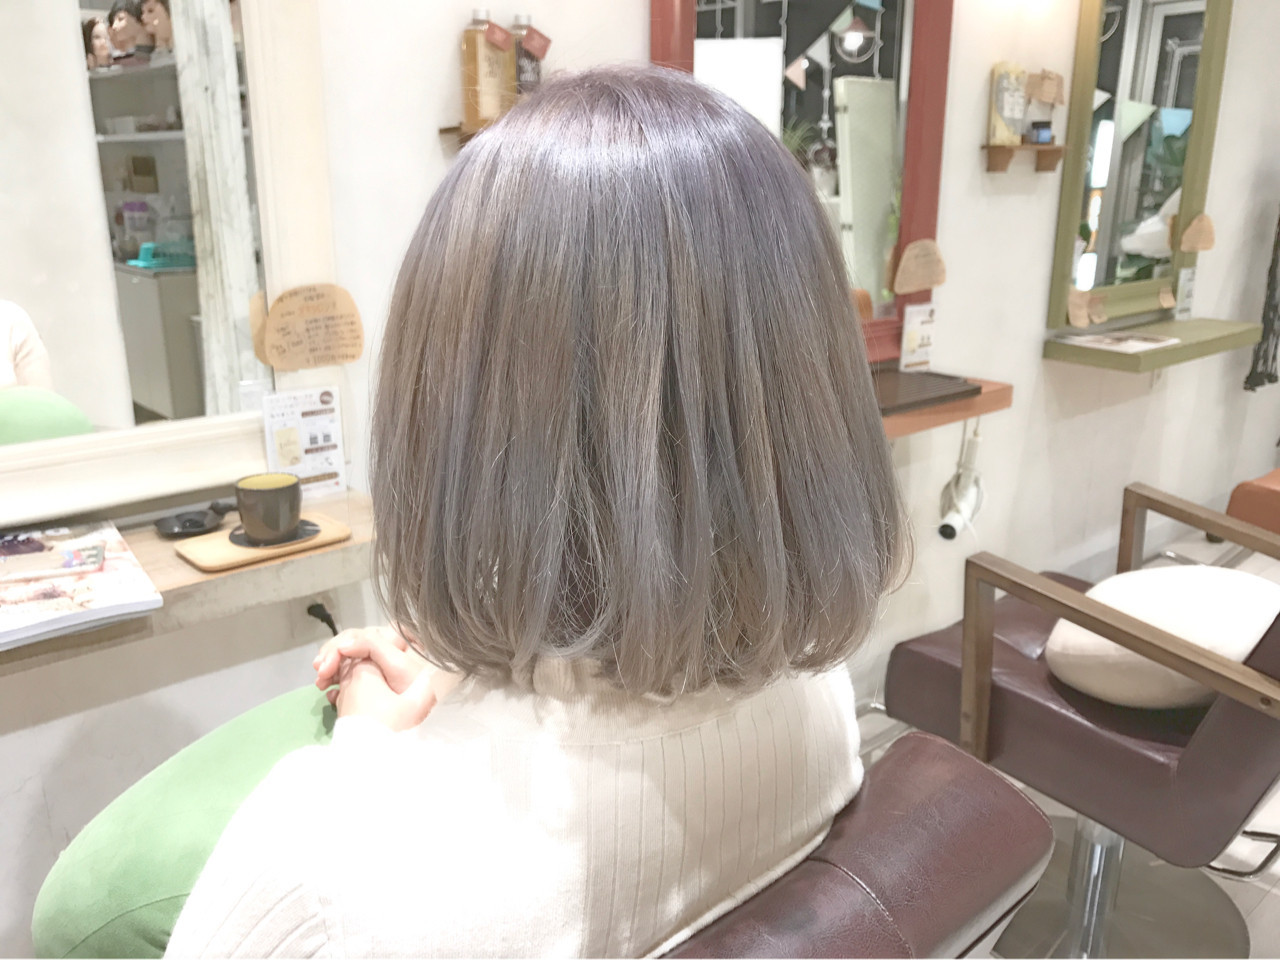 憧れの外国人風髪色!今ホワイトアッシュが最強かわいい♡  田島 史也